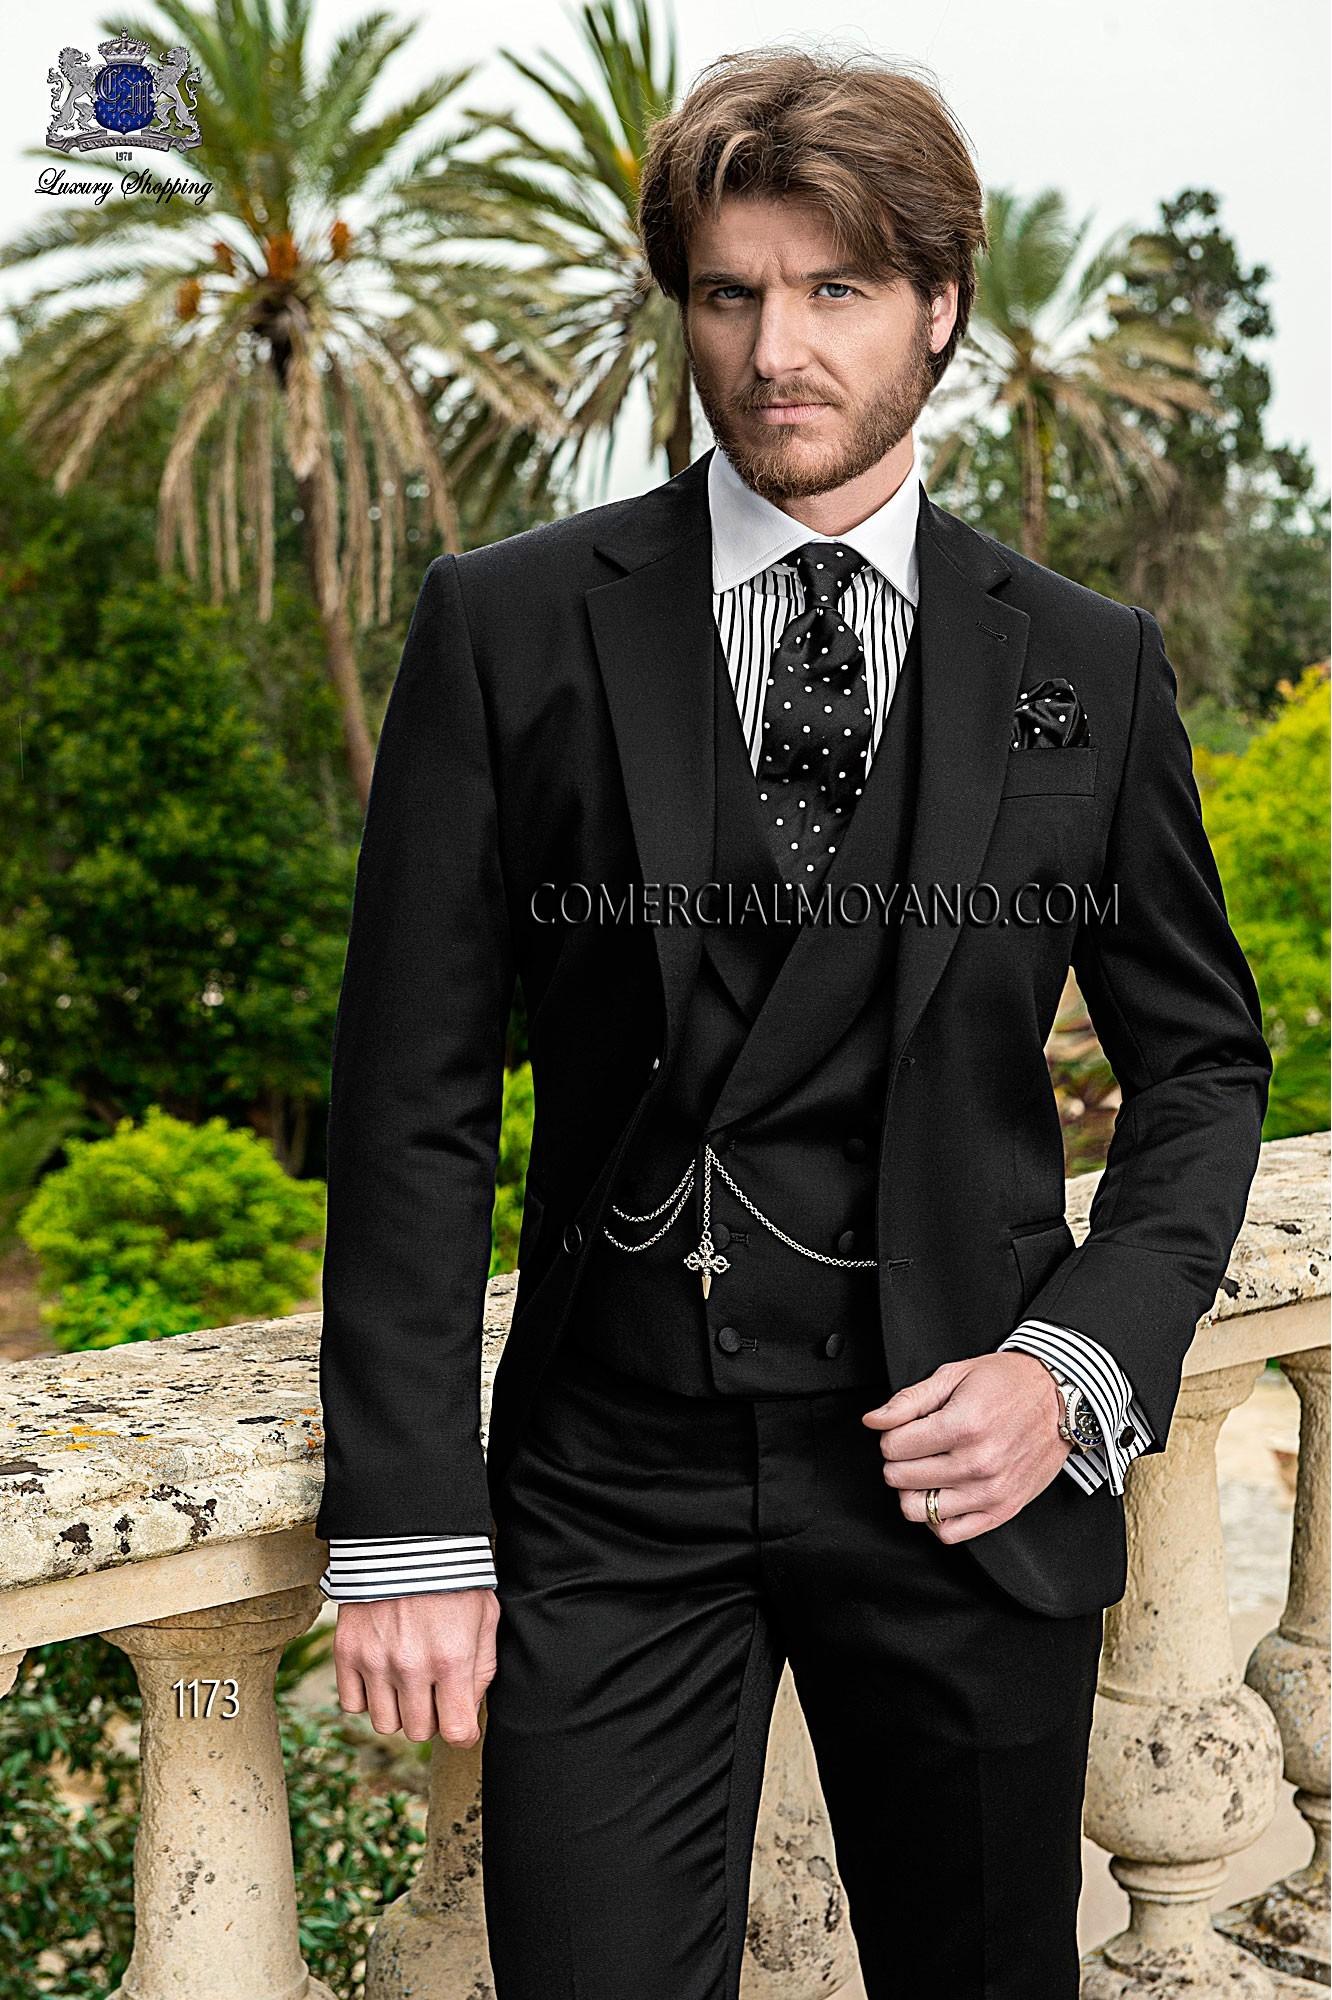 Traje de novio italiano negro modelo: 1173 Ottavio Nuccio Gala colección Gentleman